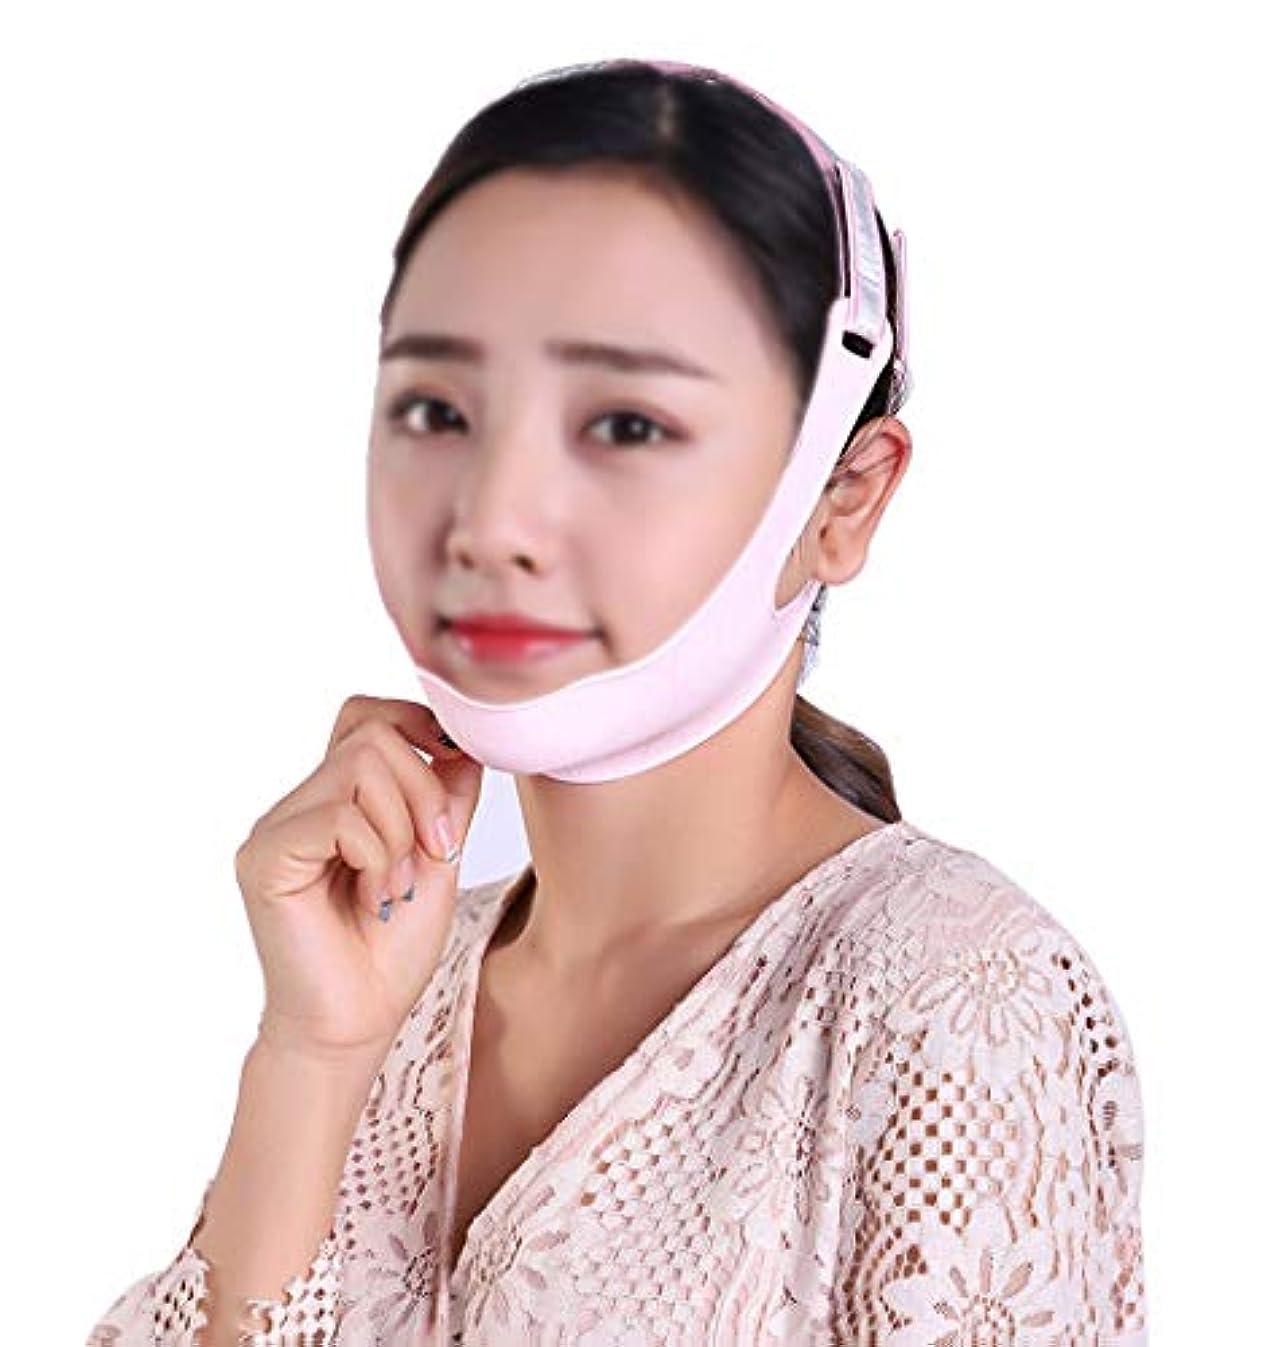 導体スピリチュアル欲しいですGLJJQMY フェイシャルリフティングマスクシリコンVマスク引き締めフェイシャル包帯スモールVフェイスアーティファクト防止リラクゼーションフェイシャル&ネックリフティング 顔用整形マスク (Size : L)